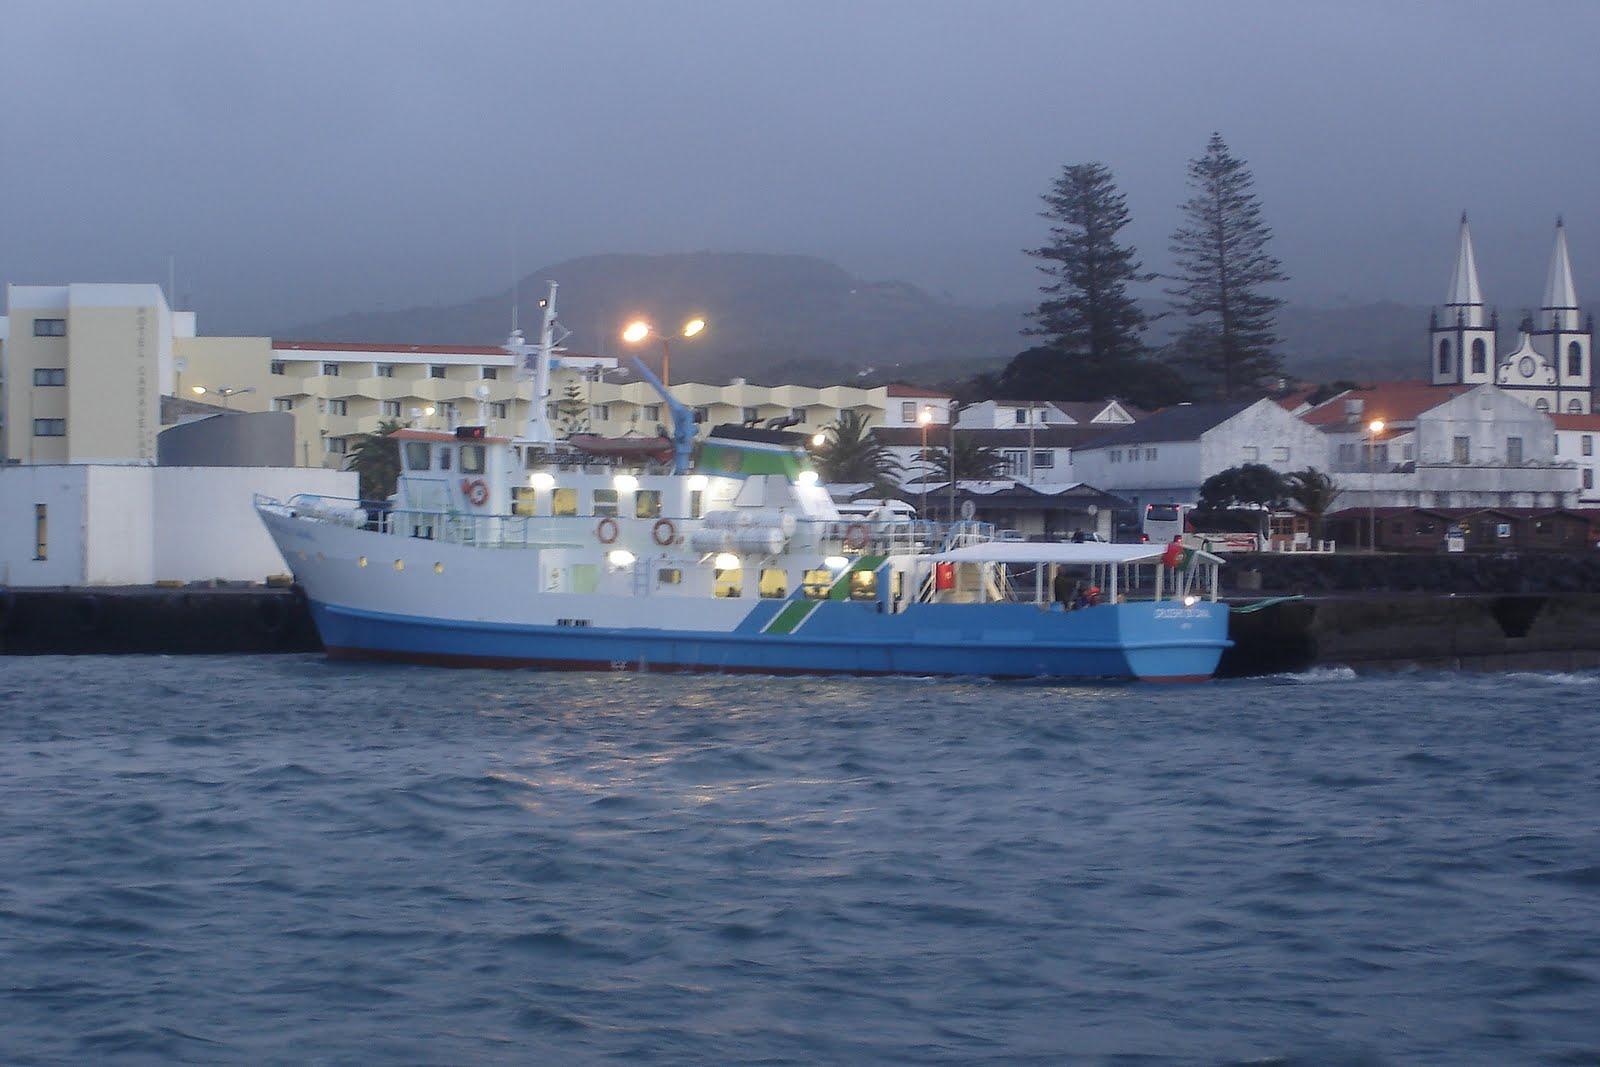 Vítor Fraga anuncia criação de passe marítimo entre Madalena e Horta que permite poupar 350 euros por ano